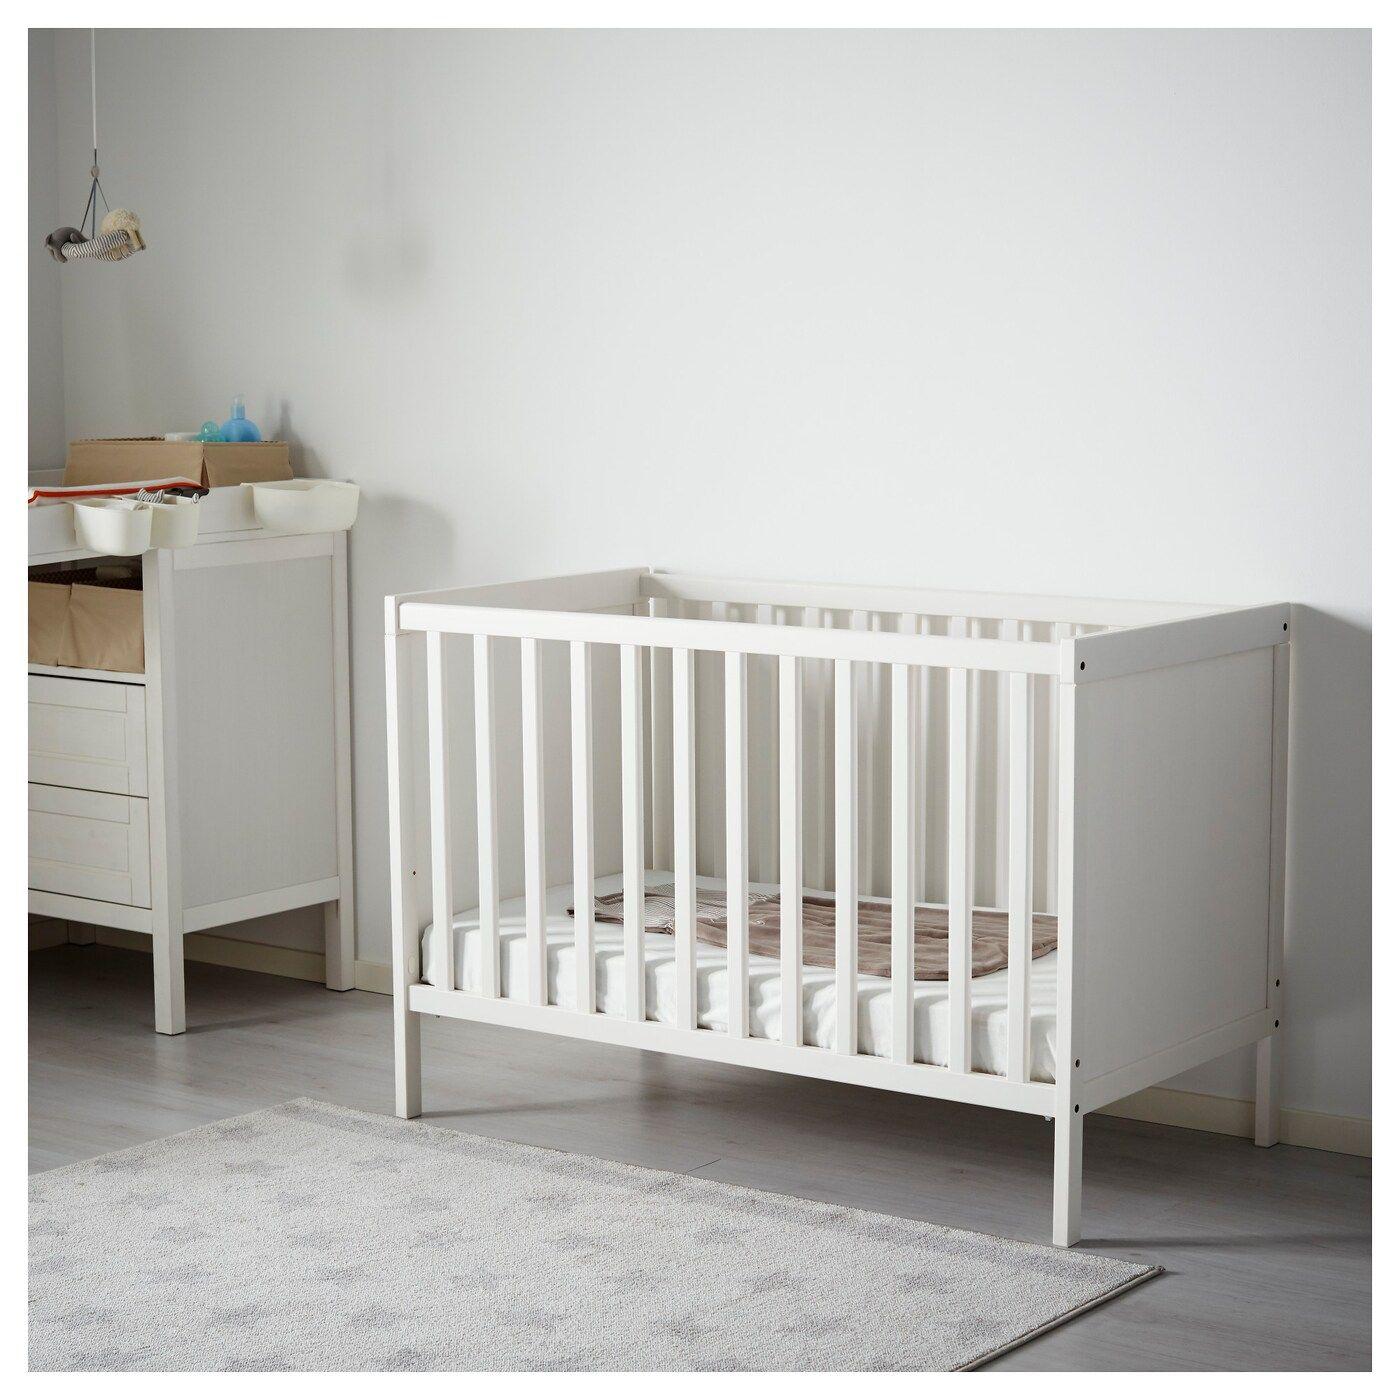 Sundvik Babybett Weiss Ikea Osterreich Babybett Weiss